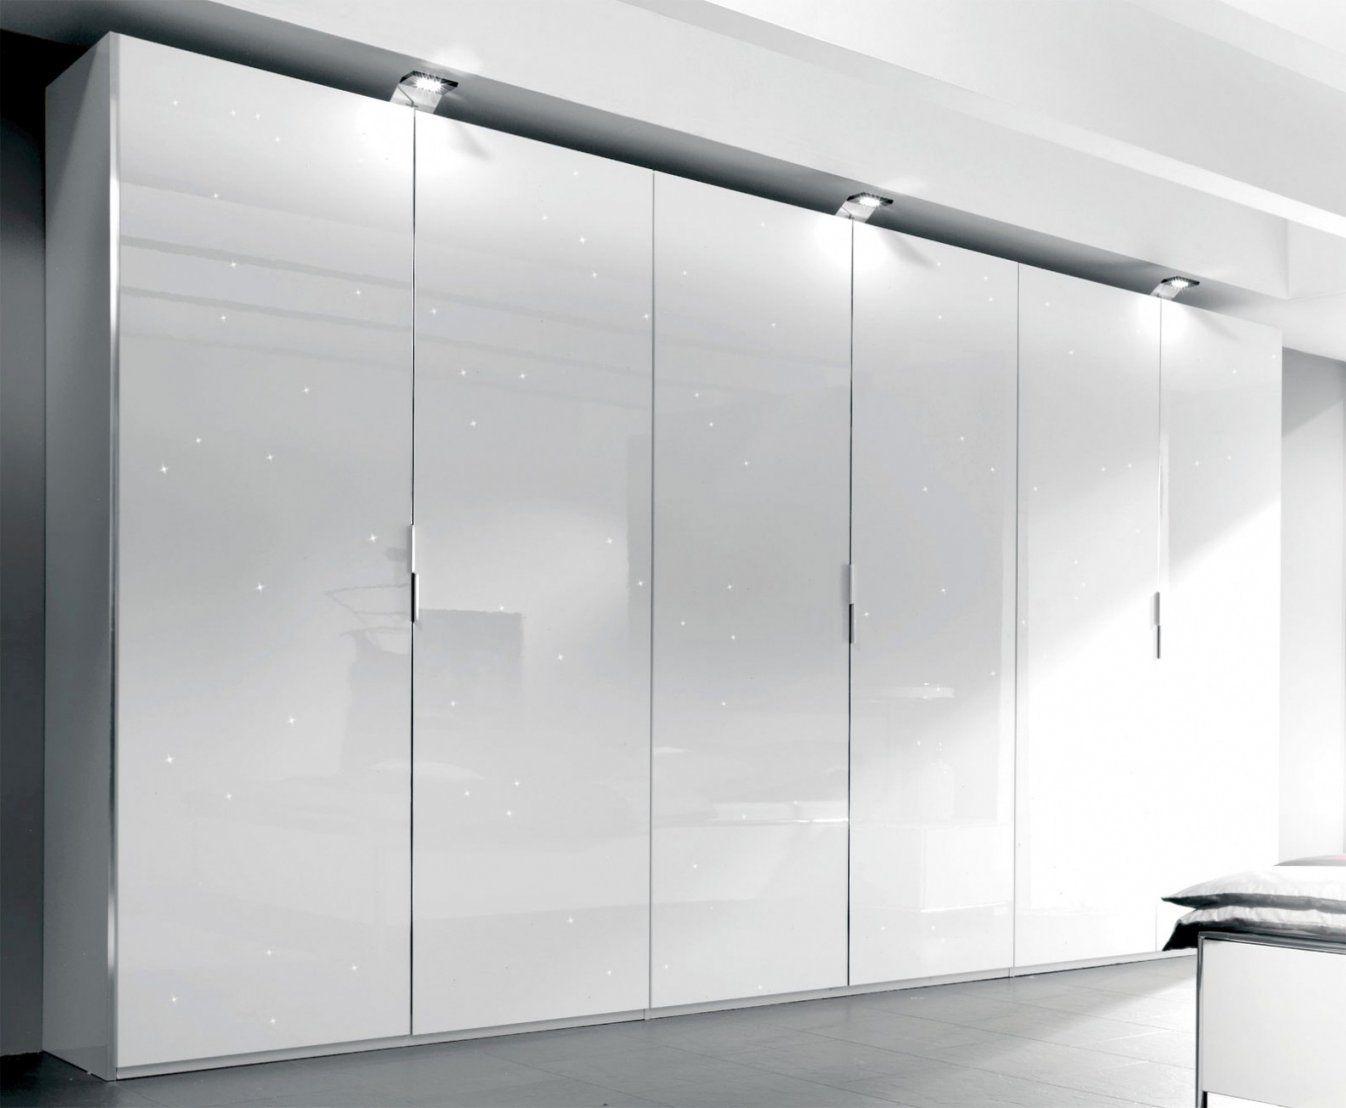 Ikea Möbel Schlafzimmer Schrank Und Kleiderschrank Weiß Schiebetüren Von  Ikea Kleiderschrank Weiß Hochglanz Photo